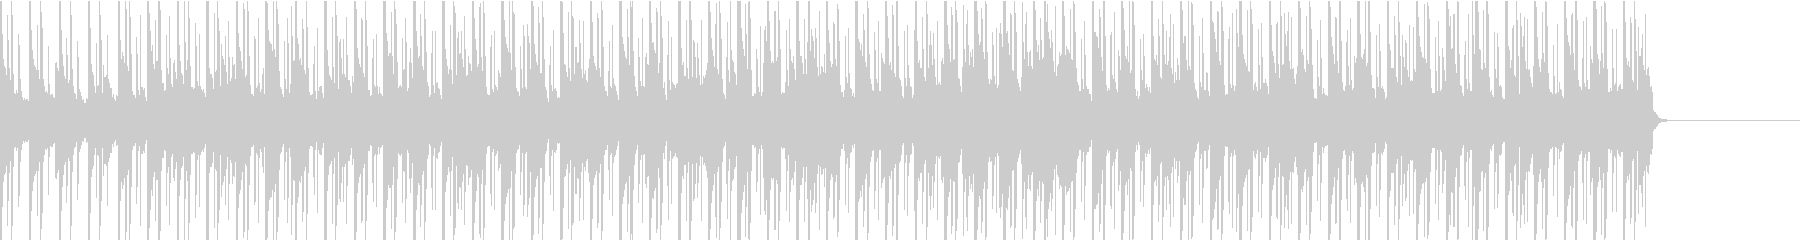 シンプルで色気のある曲の未再生の波形